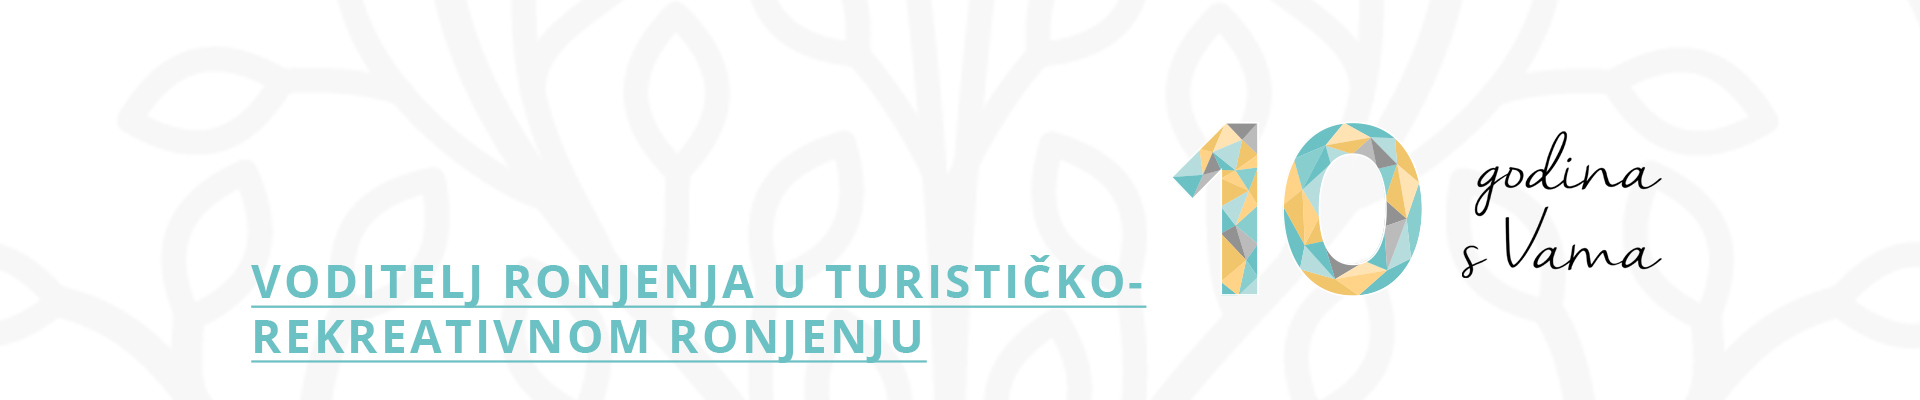 Ustanova Magistra Voditelj Ronjenja u Turističko-Rekreativnom Ronjenju